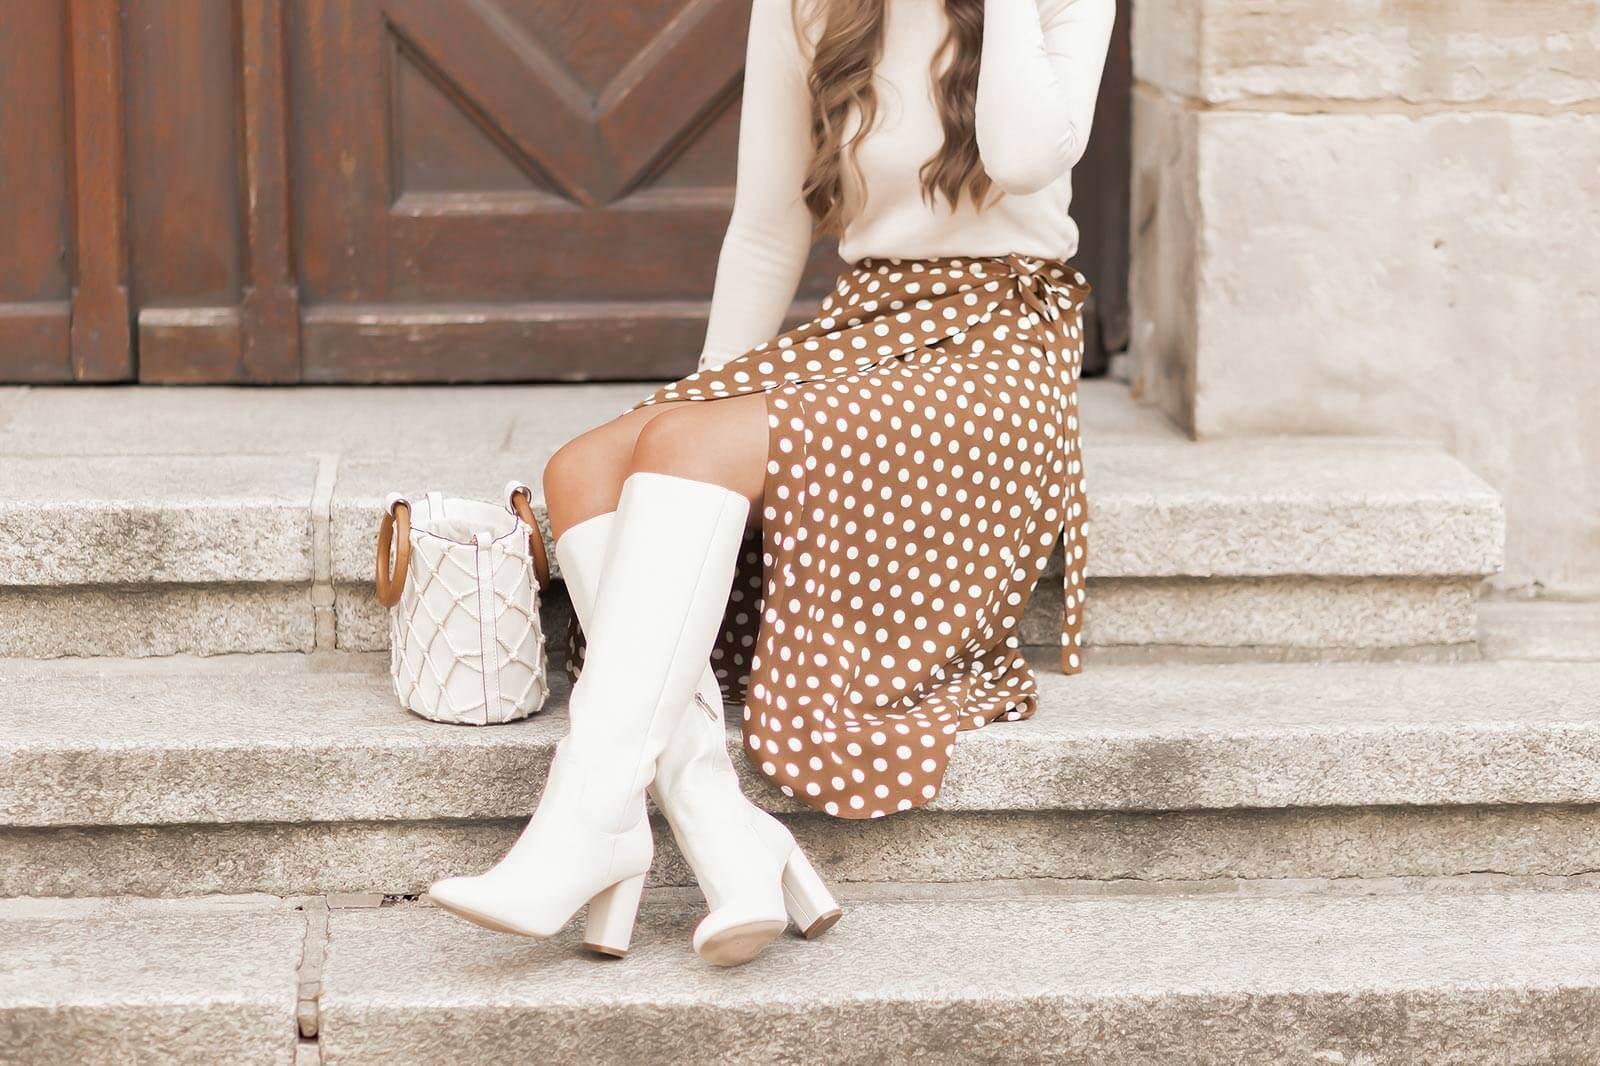 Wickelröcke im Herbst stylen, Herbstoutfit, Polka Dots Rock, weiße Stiefel, Shoelove by Deichmann